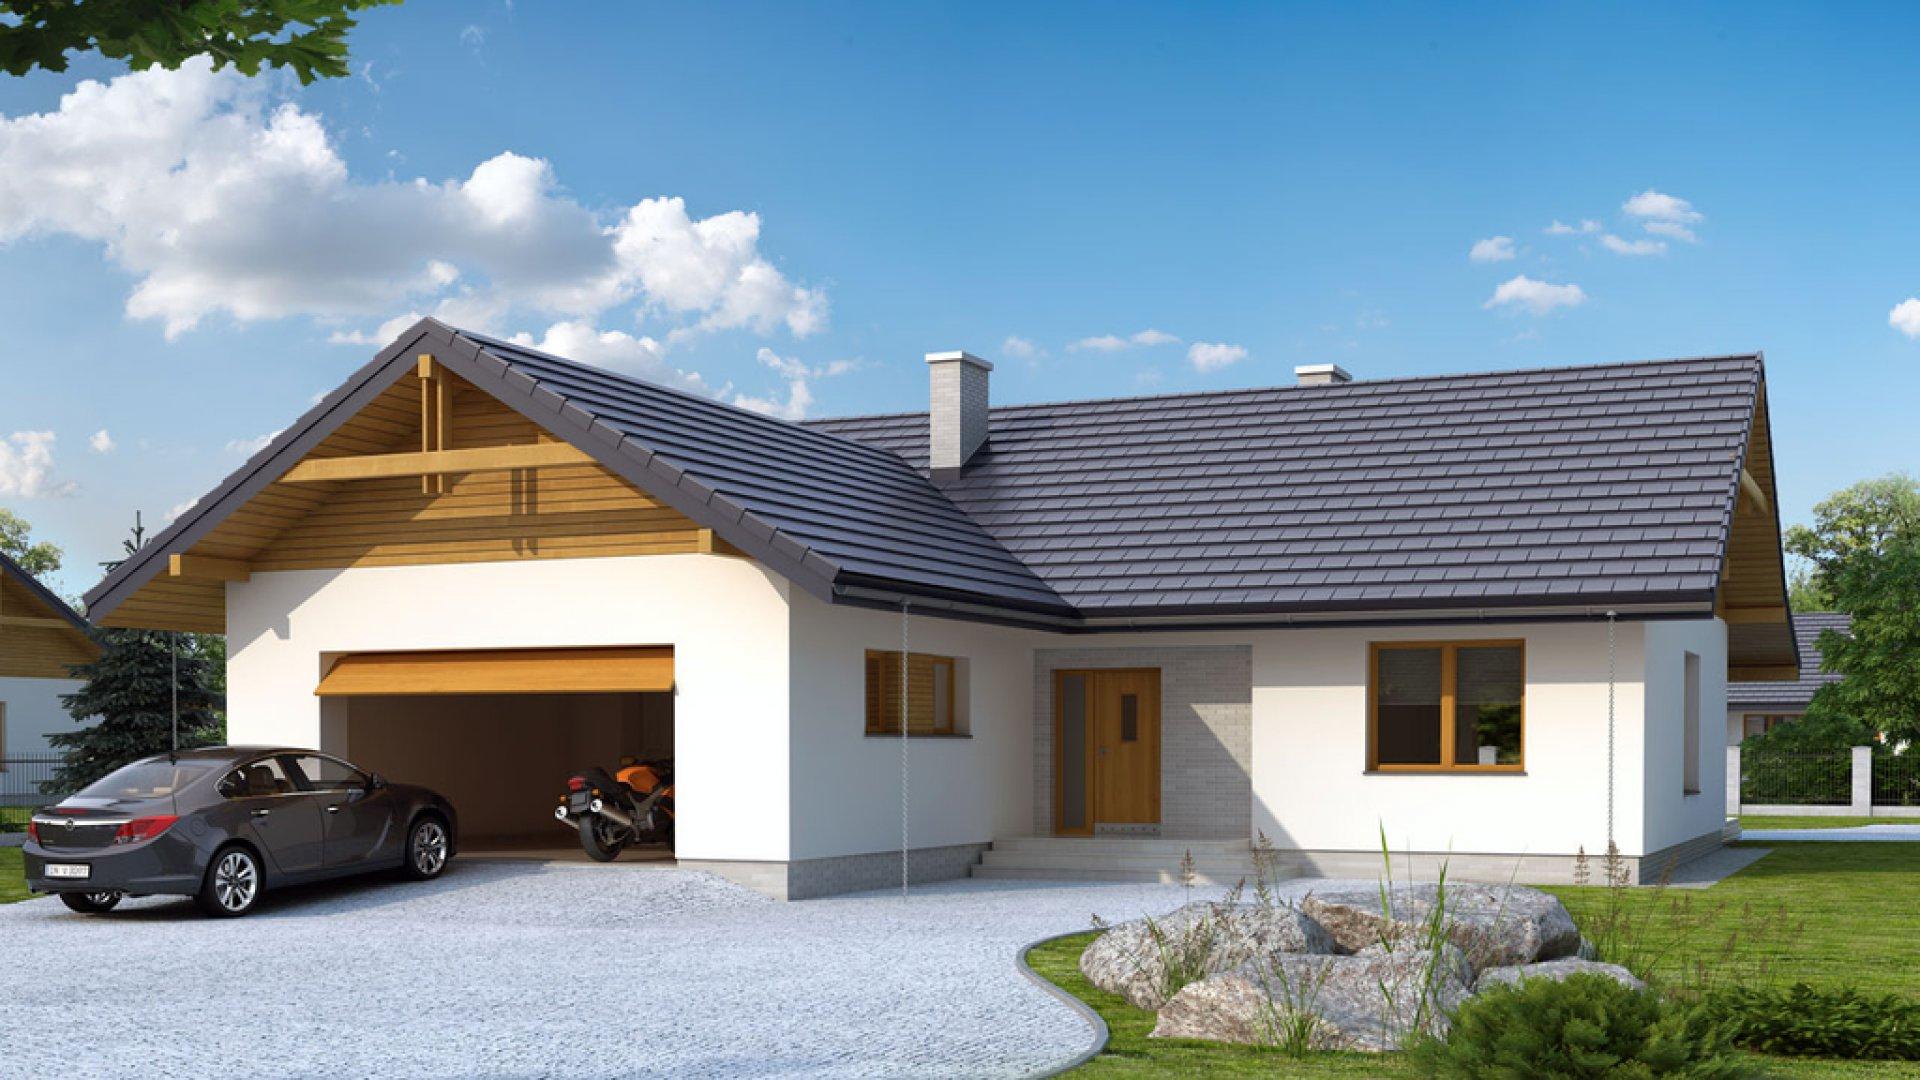 Проект двухэтажного дома - Rusposterru